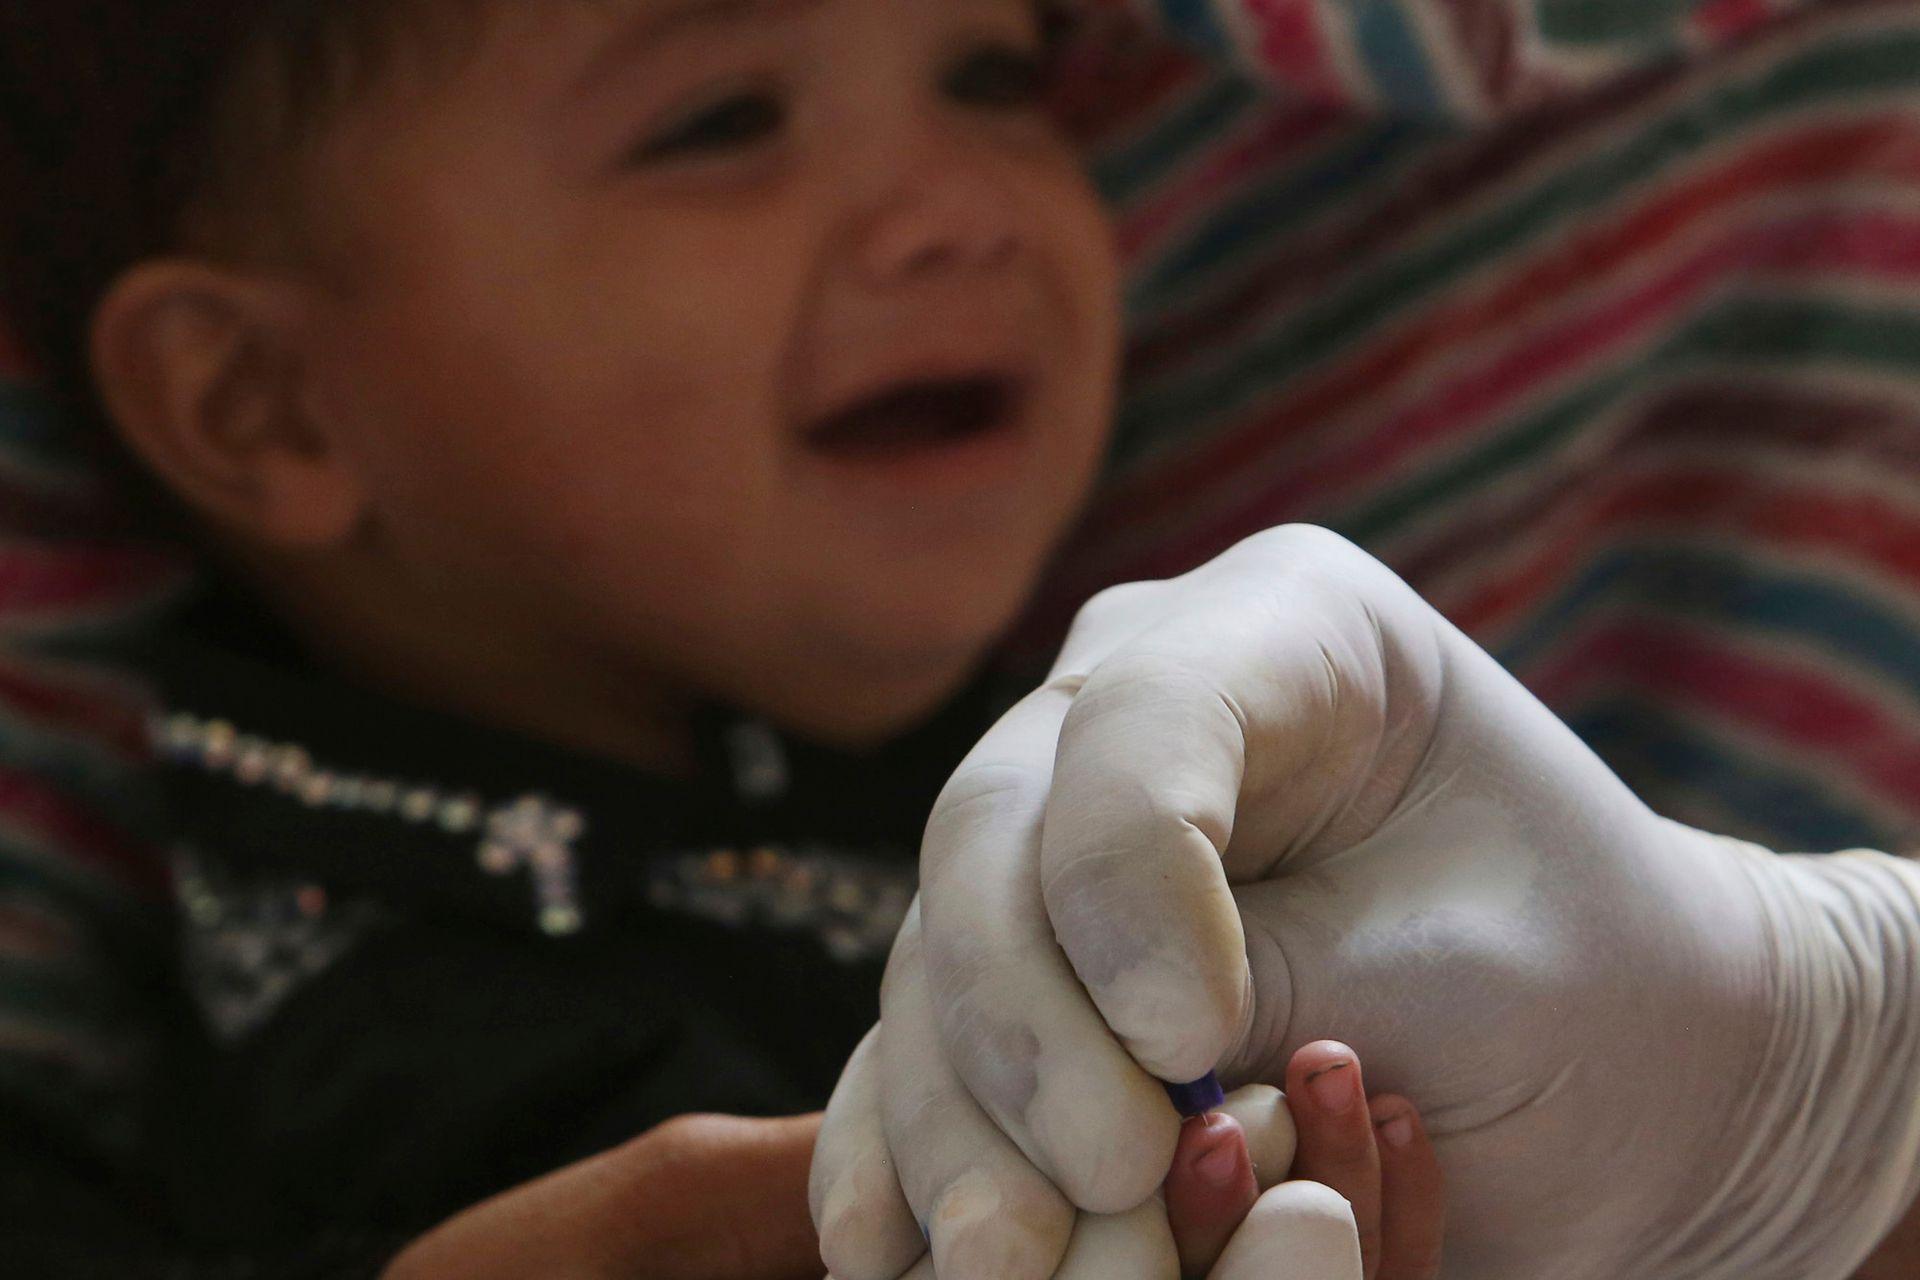 Un médico toma muestras de sangre a un niño, en el hospital de Ratodero